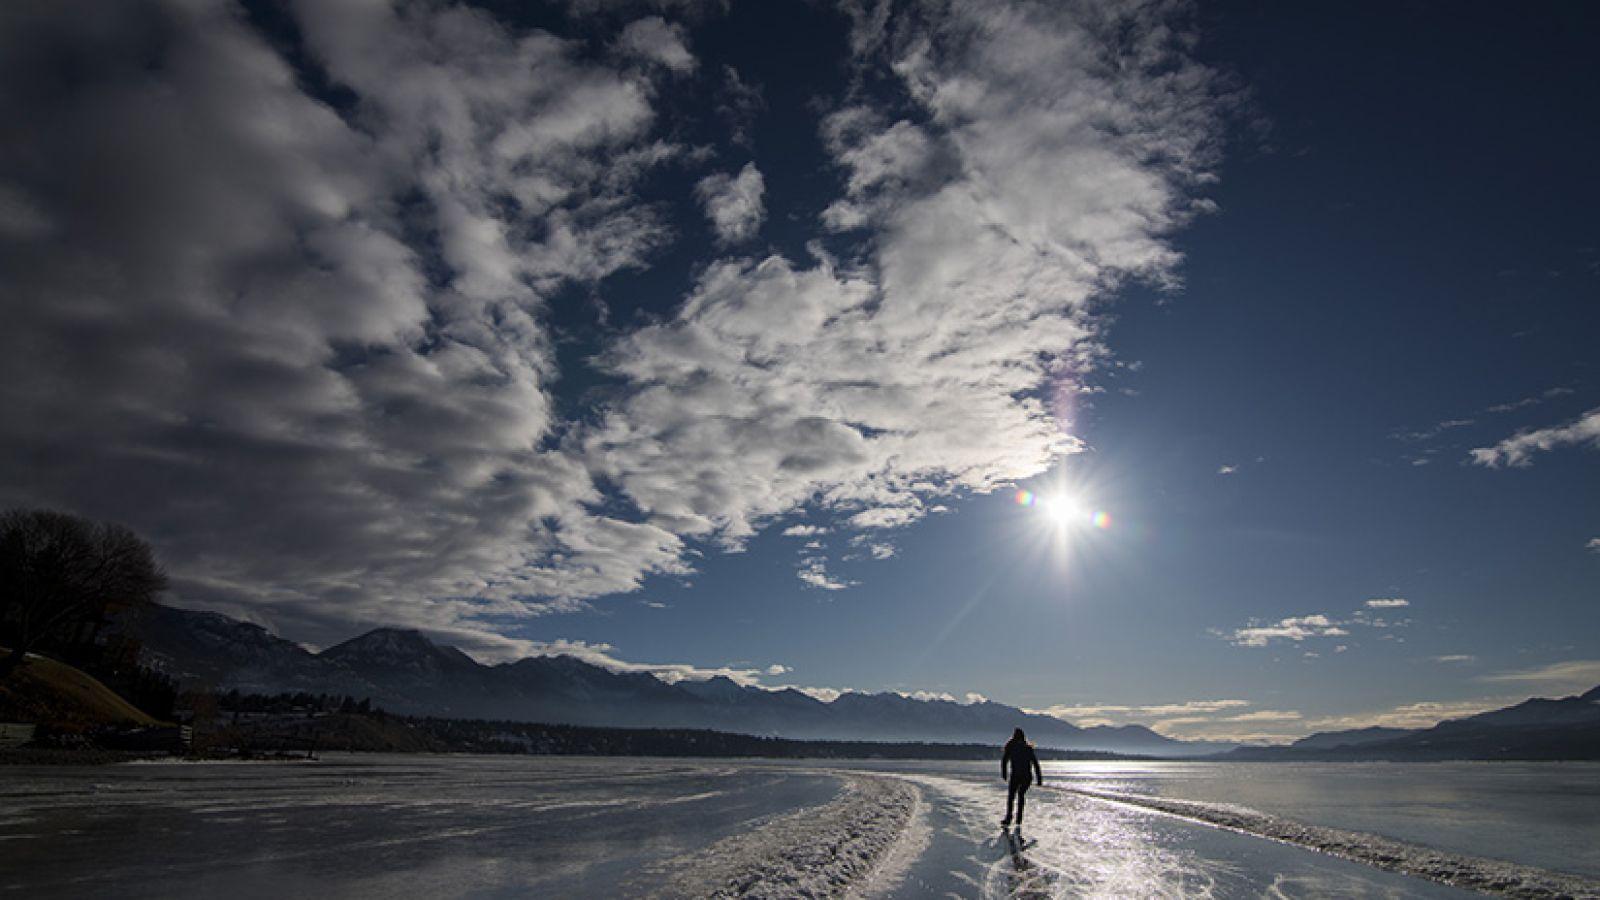 Skate, ski or walk.